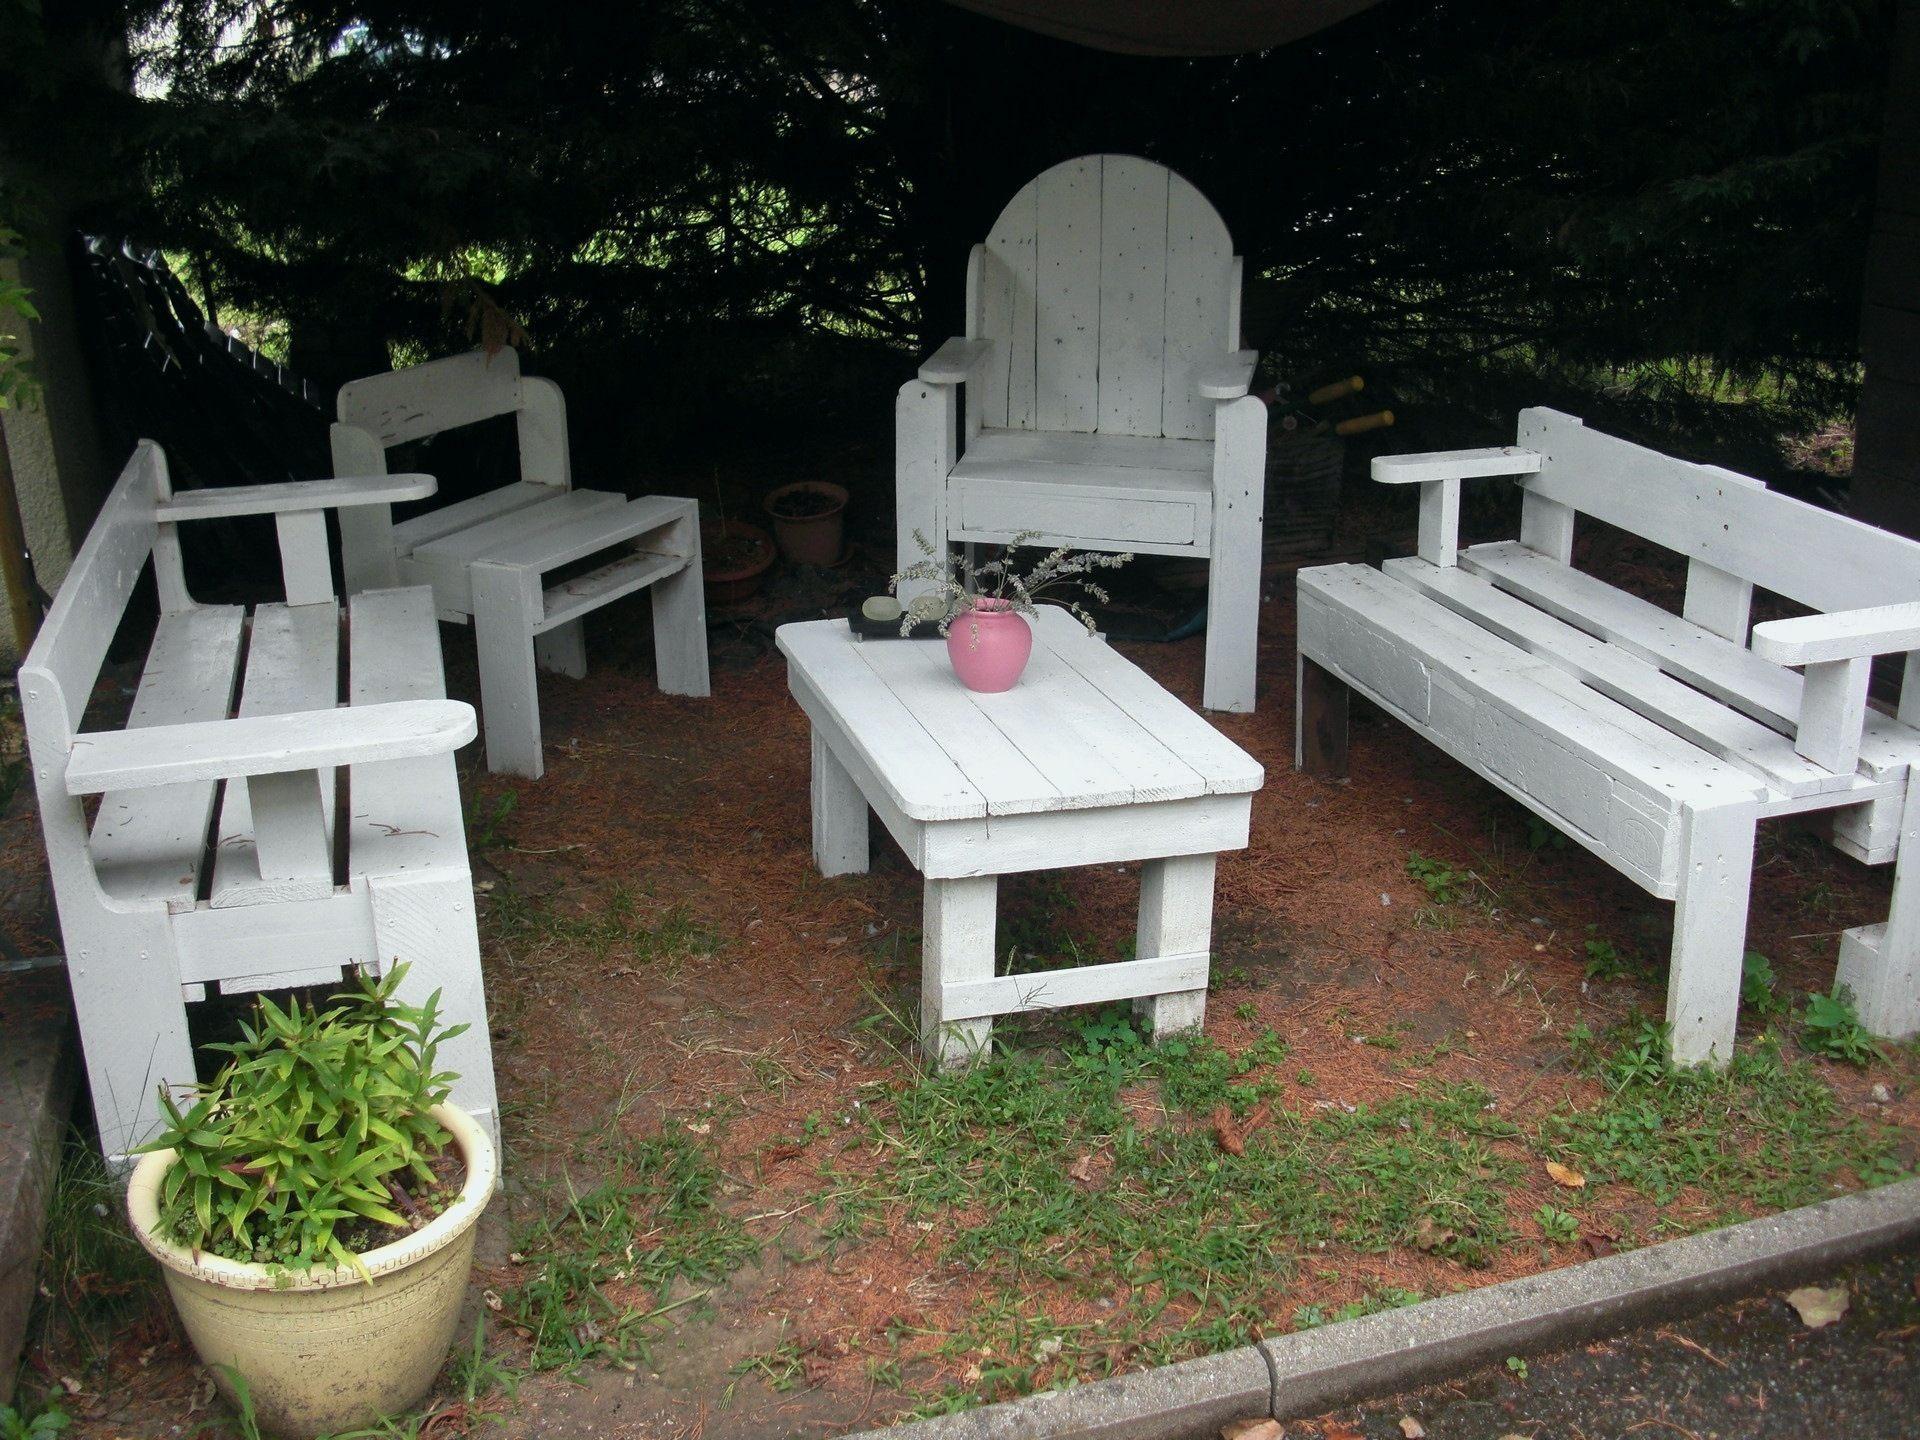 Lit Bois Blanc Charmant Piscine Bois Blanc Nouveau Bureau Bois Massif Frais Meuble Bois